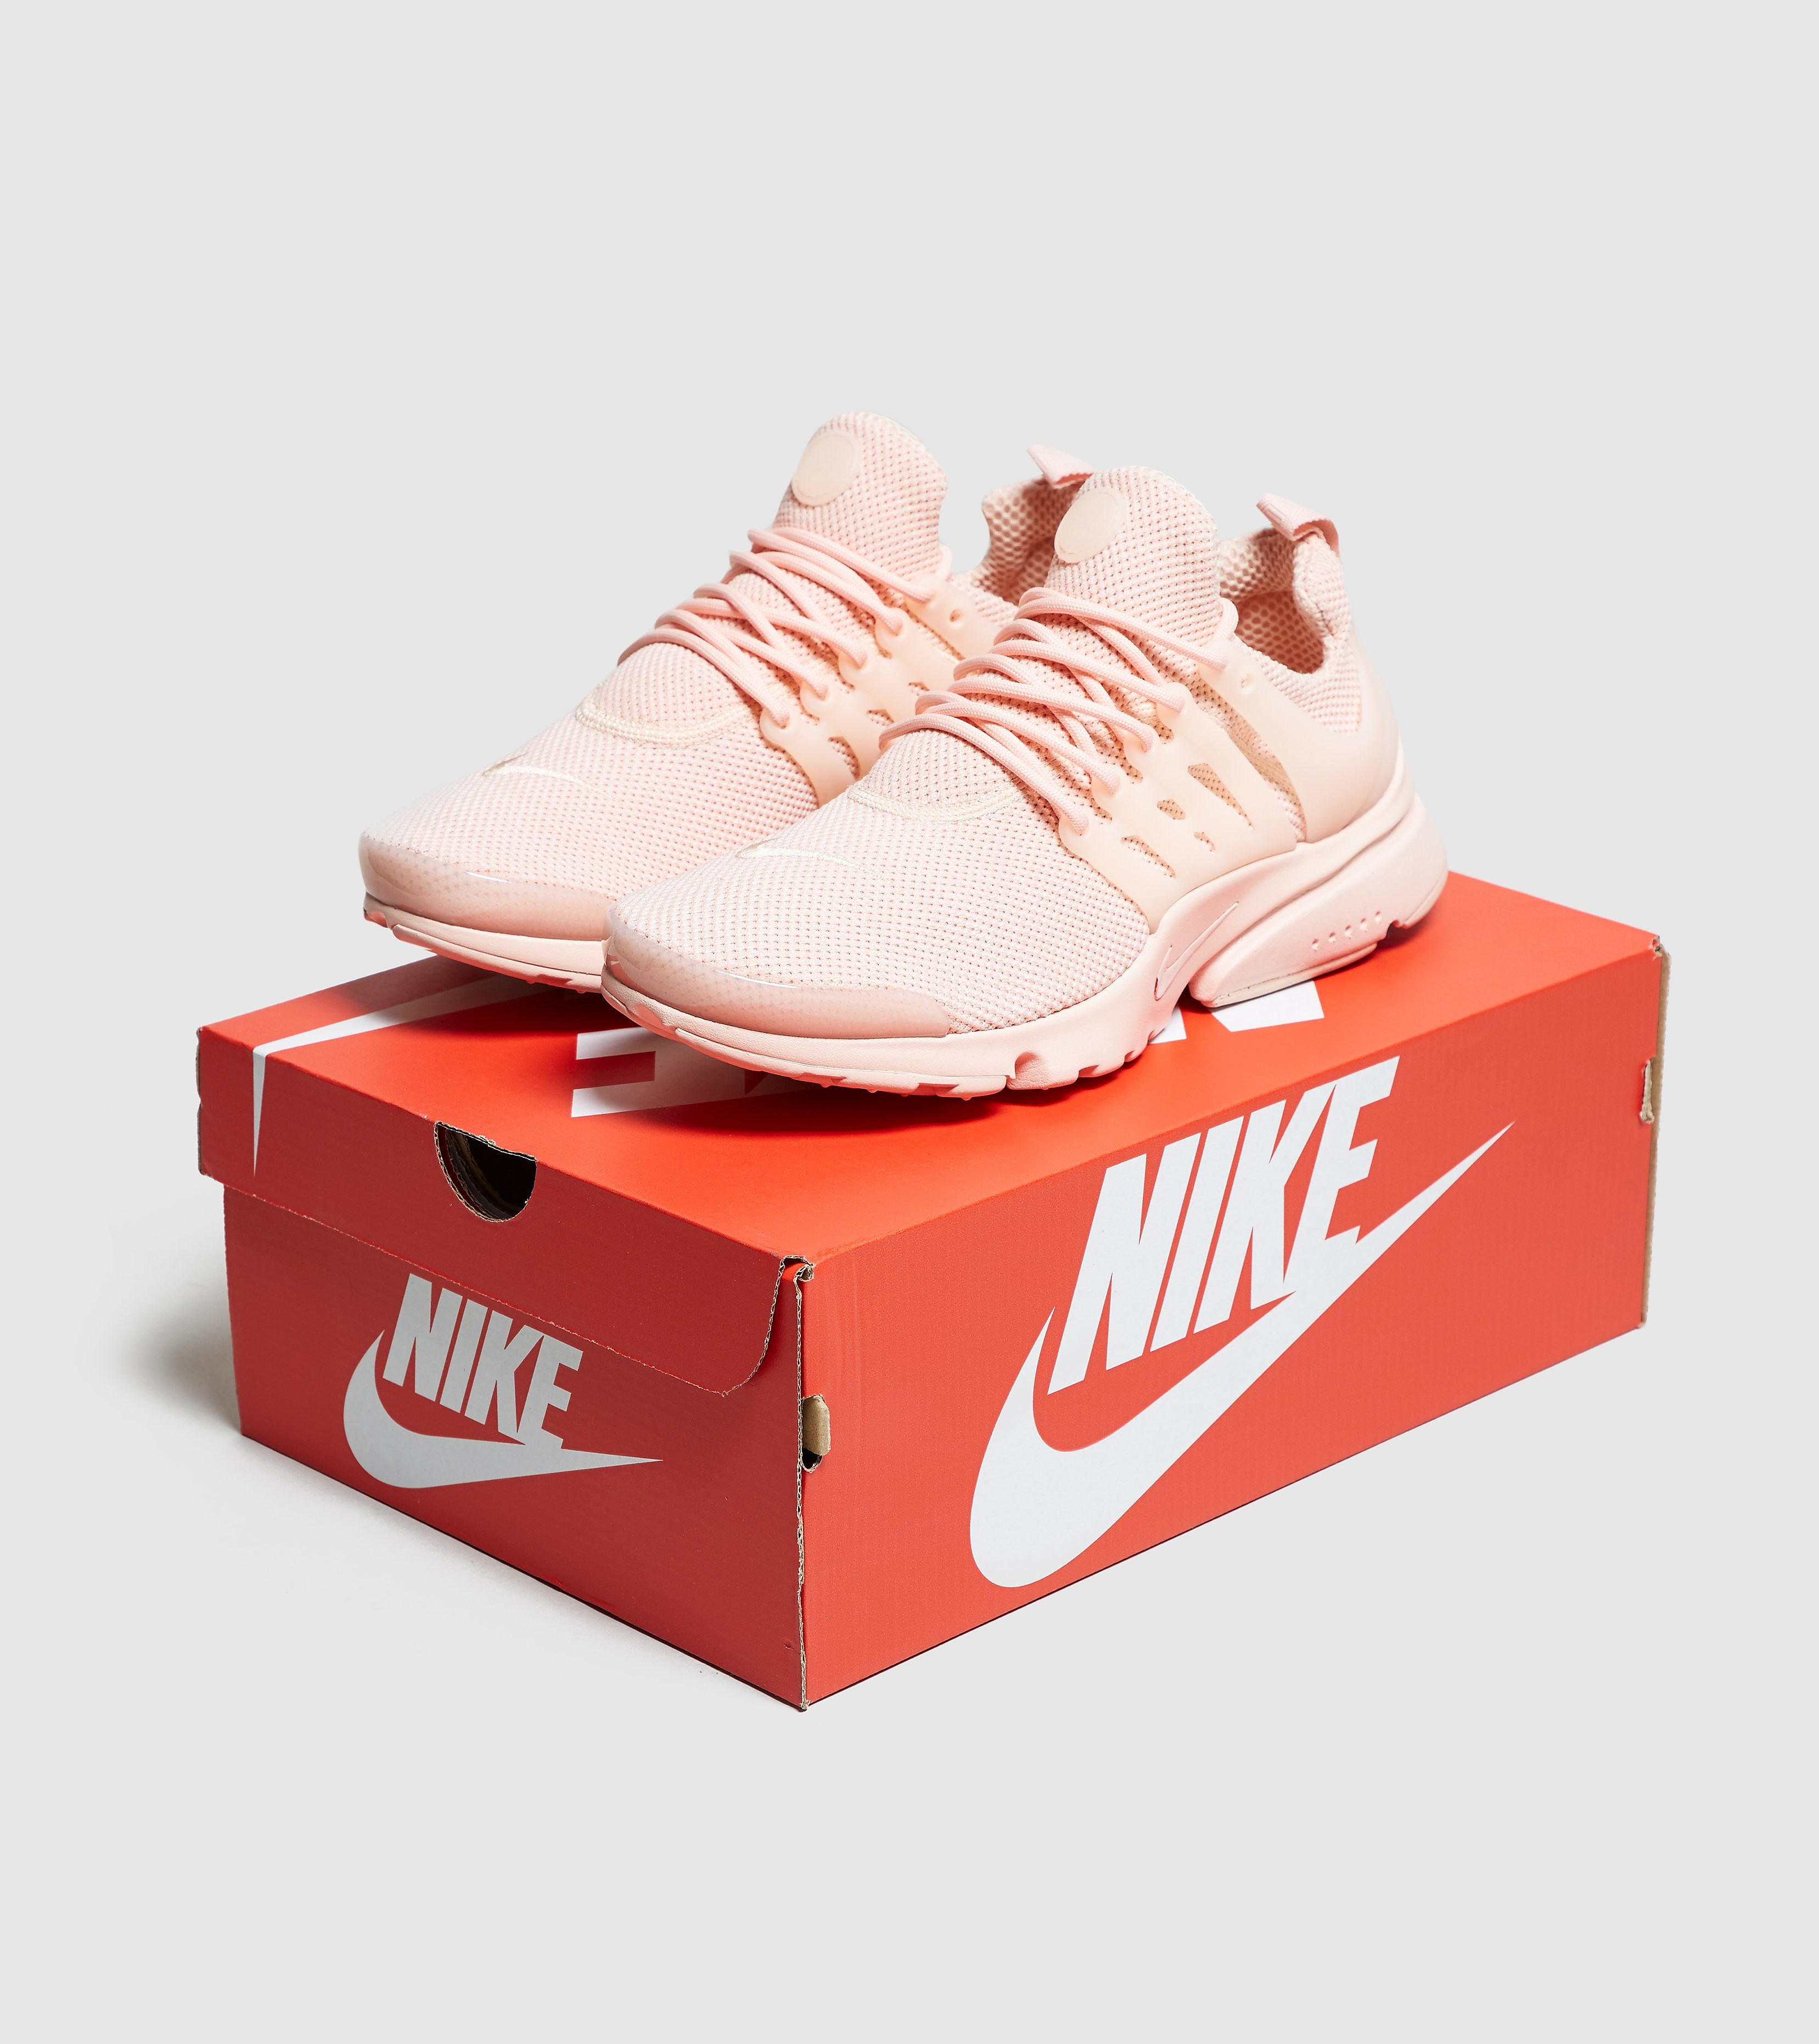 Nike Presto Ultra Breathe